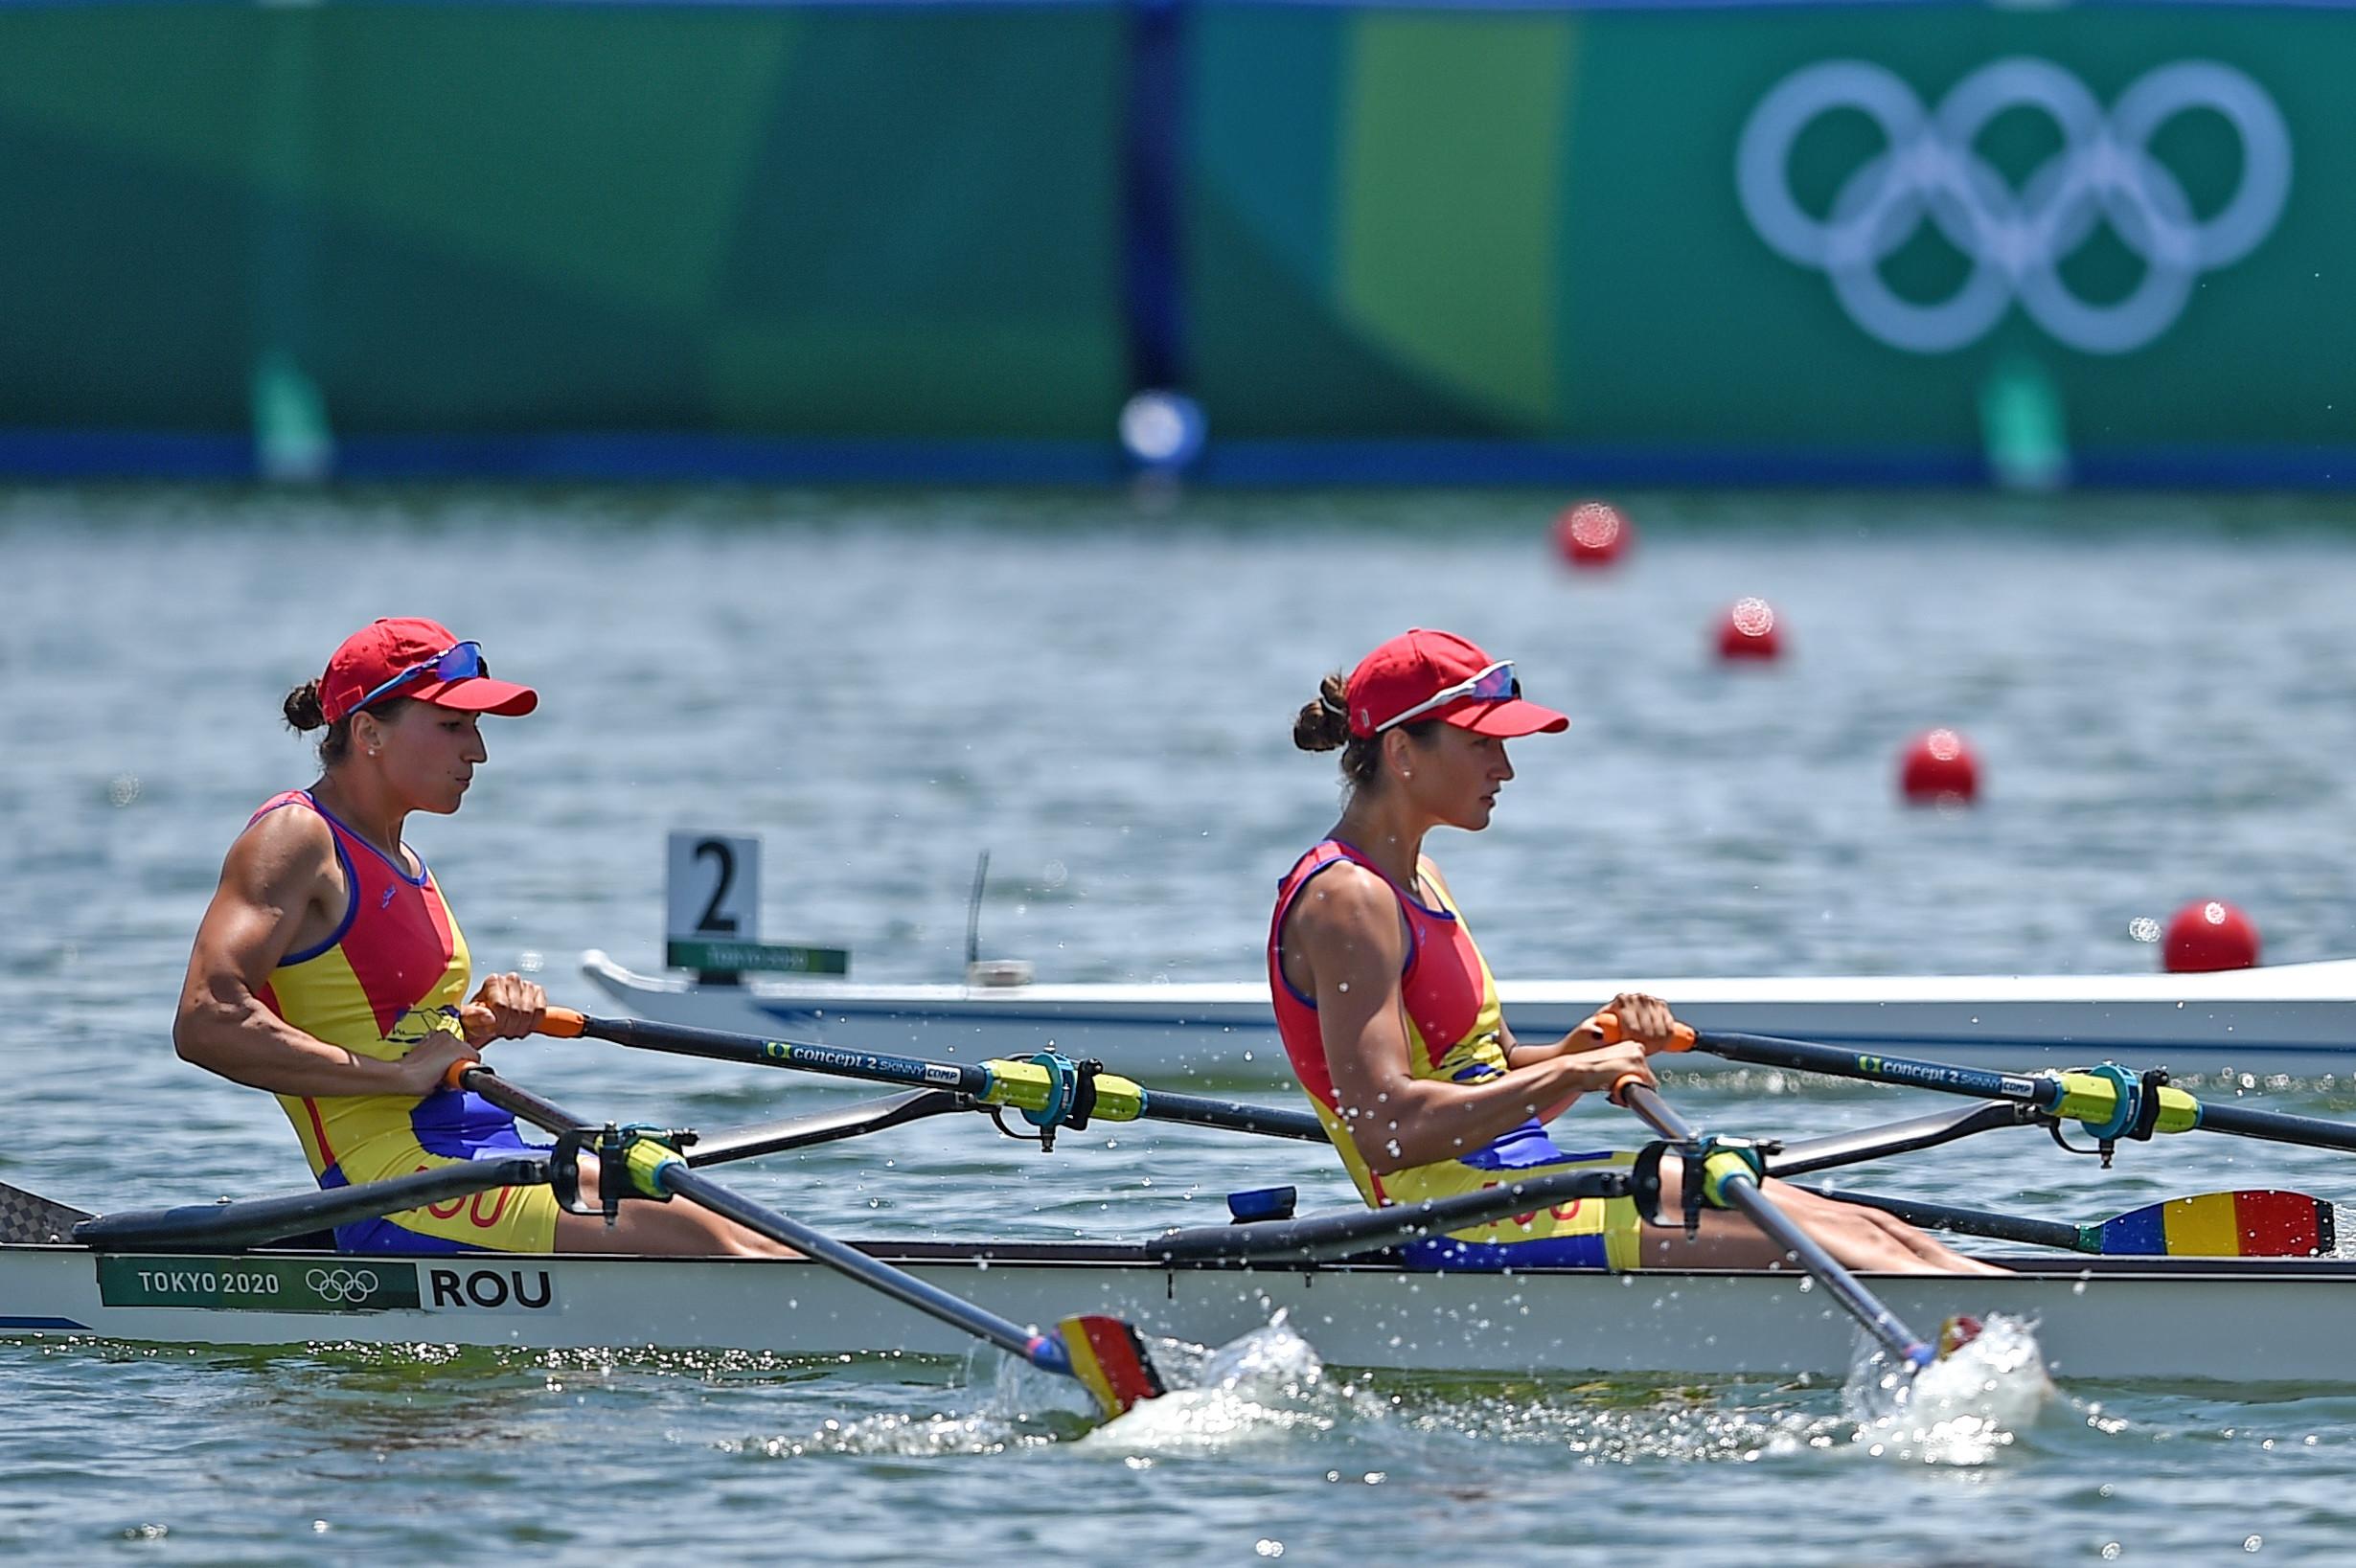 Jocurile Olimpice, Canotaj: România, calificată în finalele A la dublu vâsle feminin şi patru rame masculin